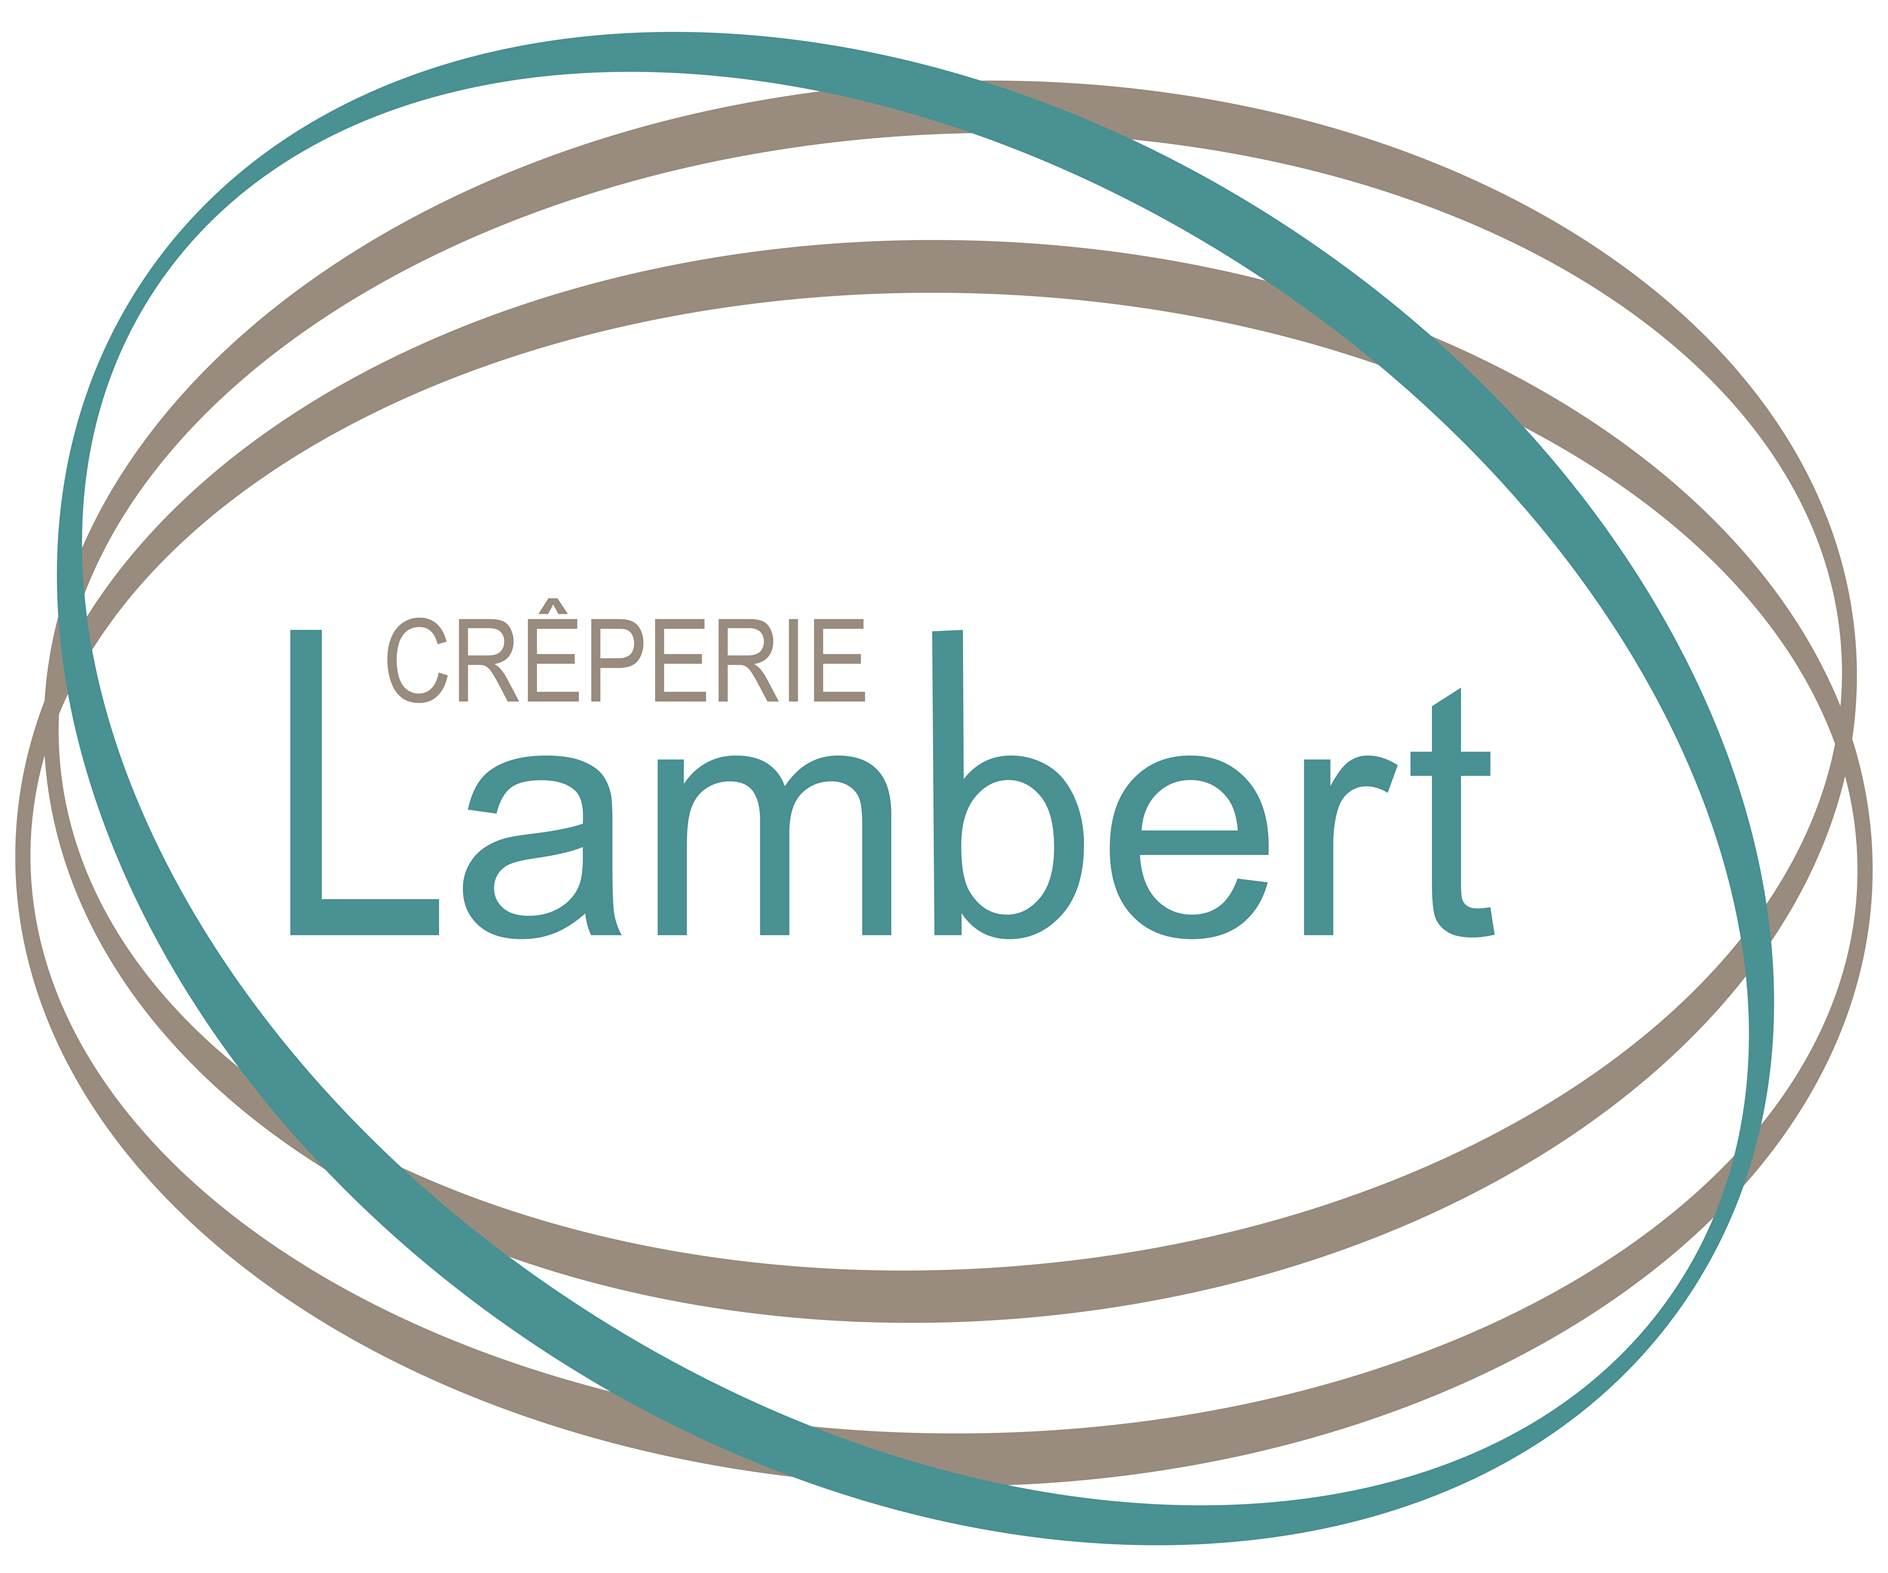 Crêperie Lambert